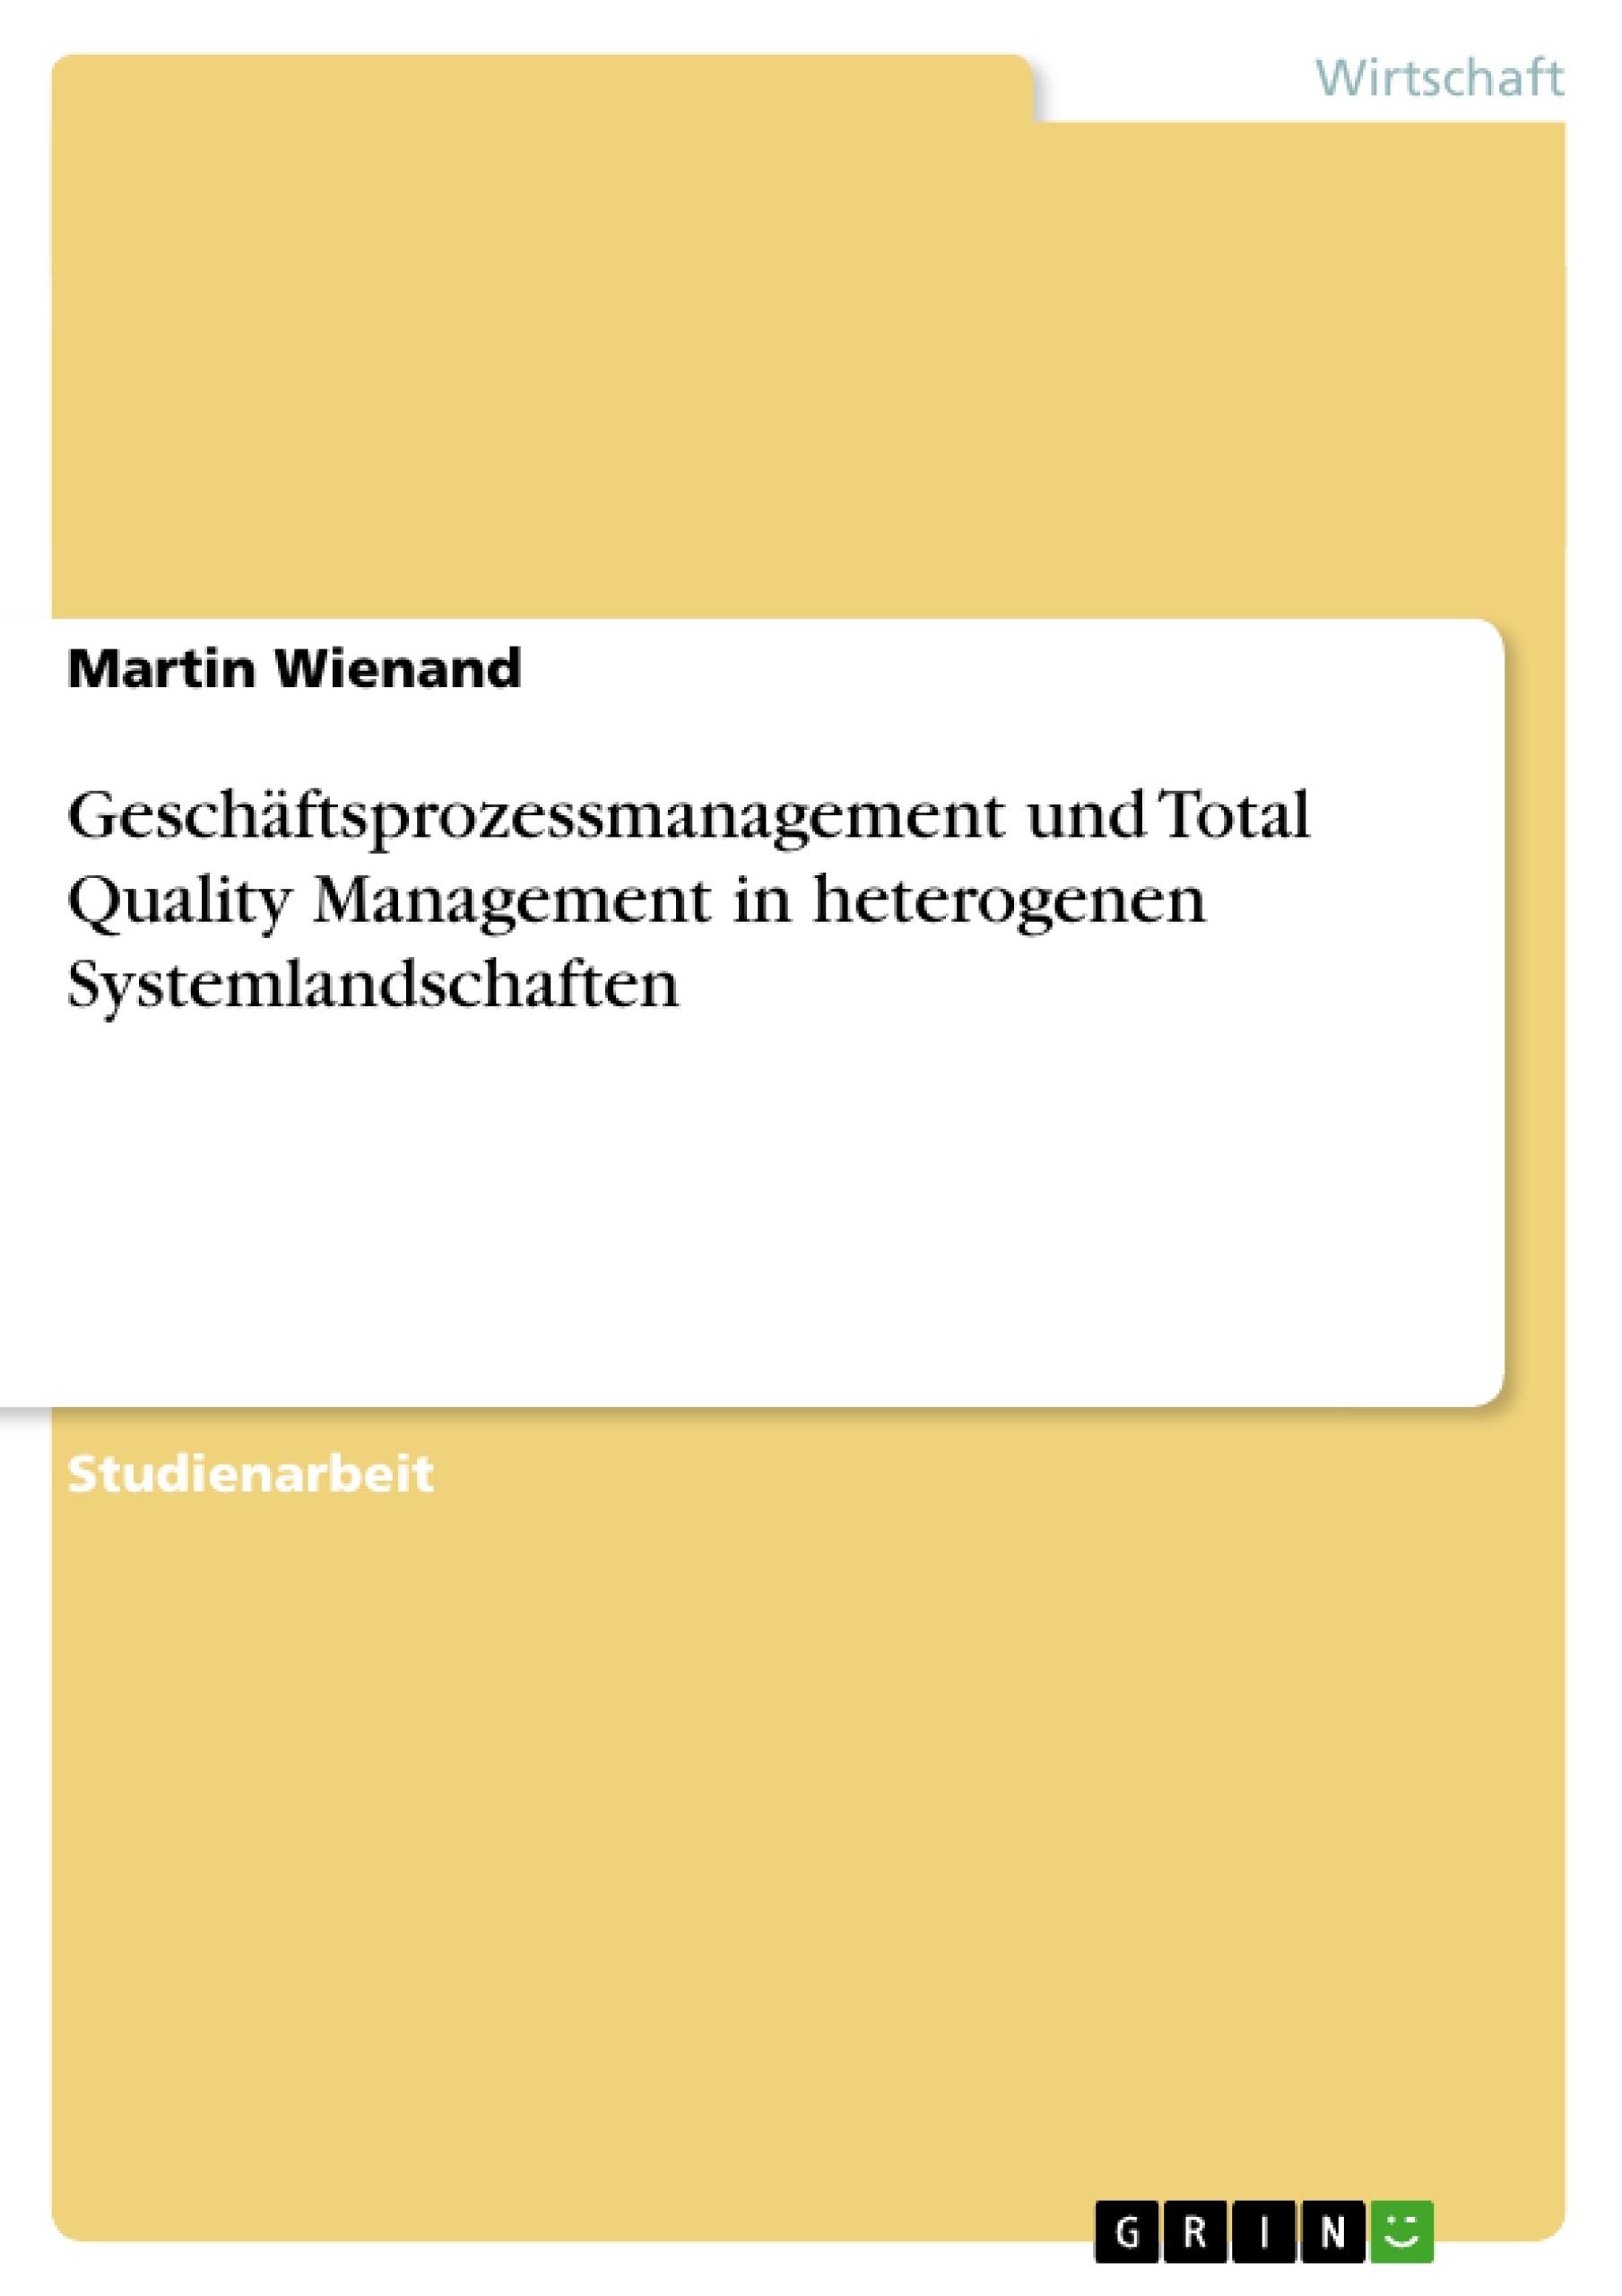 Titel: Geschäftsprozessmanagement und Total Quality Management in heterogenen Systemlandschaften